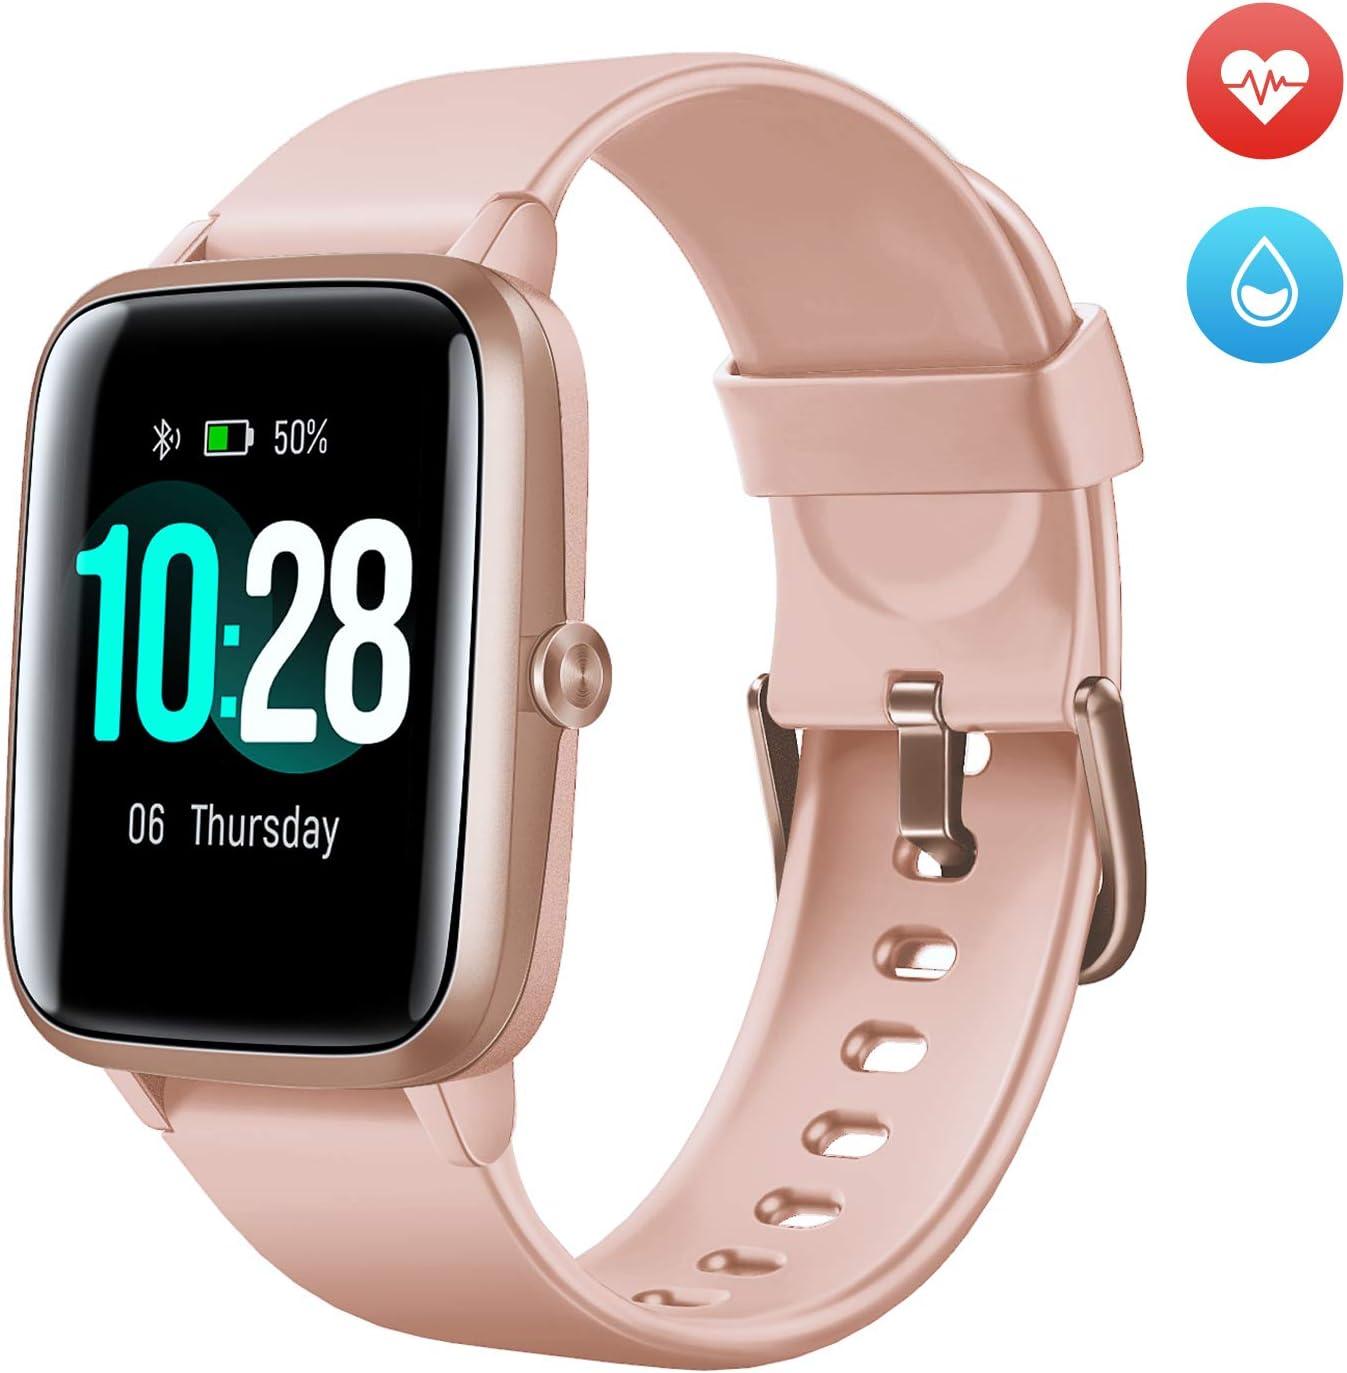 Arbily Reloj Inteligente Pantalla Táctil Completa Pulsera de Actividad Smartwatch Mujer Hombre Niño Reloj Deportivo a Prueba de Nadar Impermeable Podómetro Monitor de Sueño para iOS Android